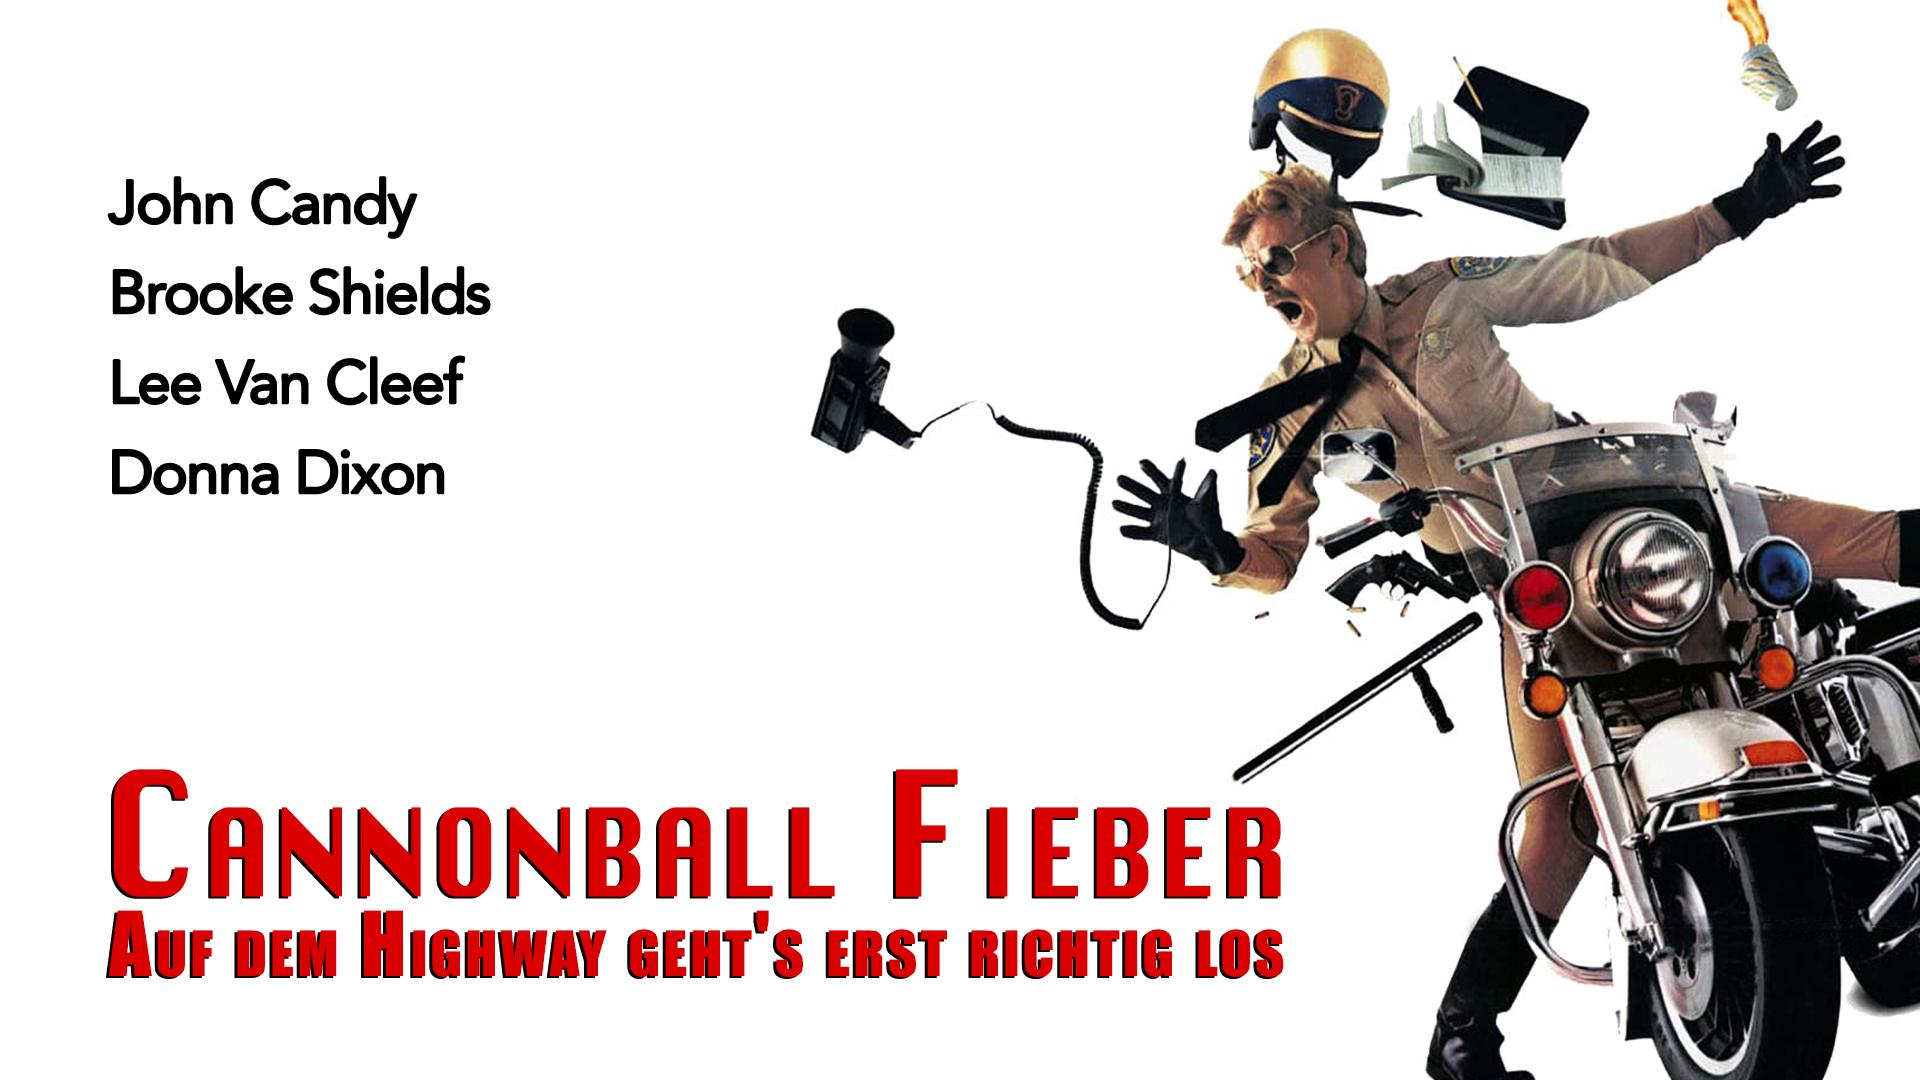 Cannonball Fieber - Auf dem Highway geht's erst richtig los